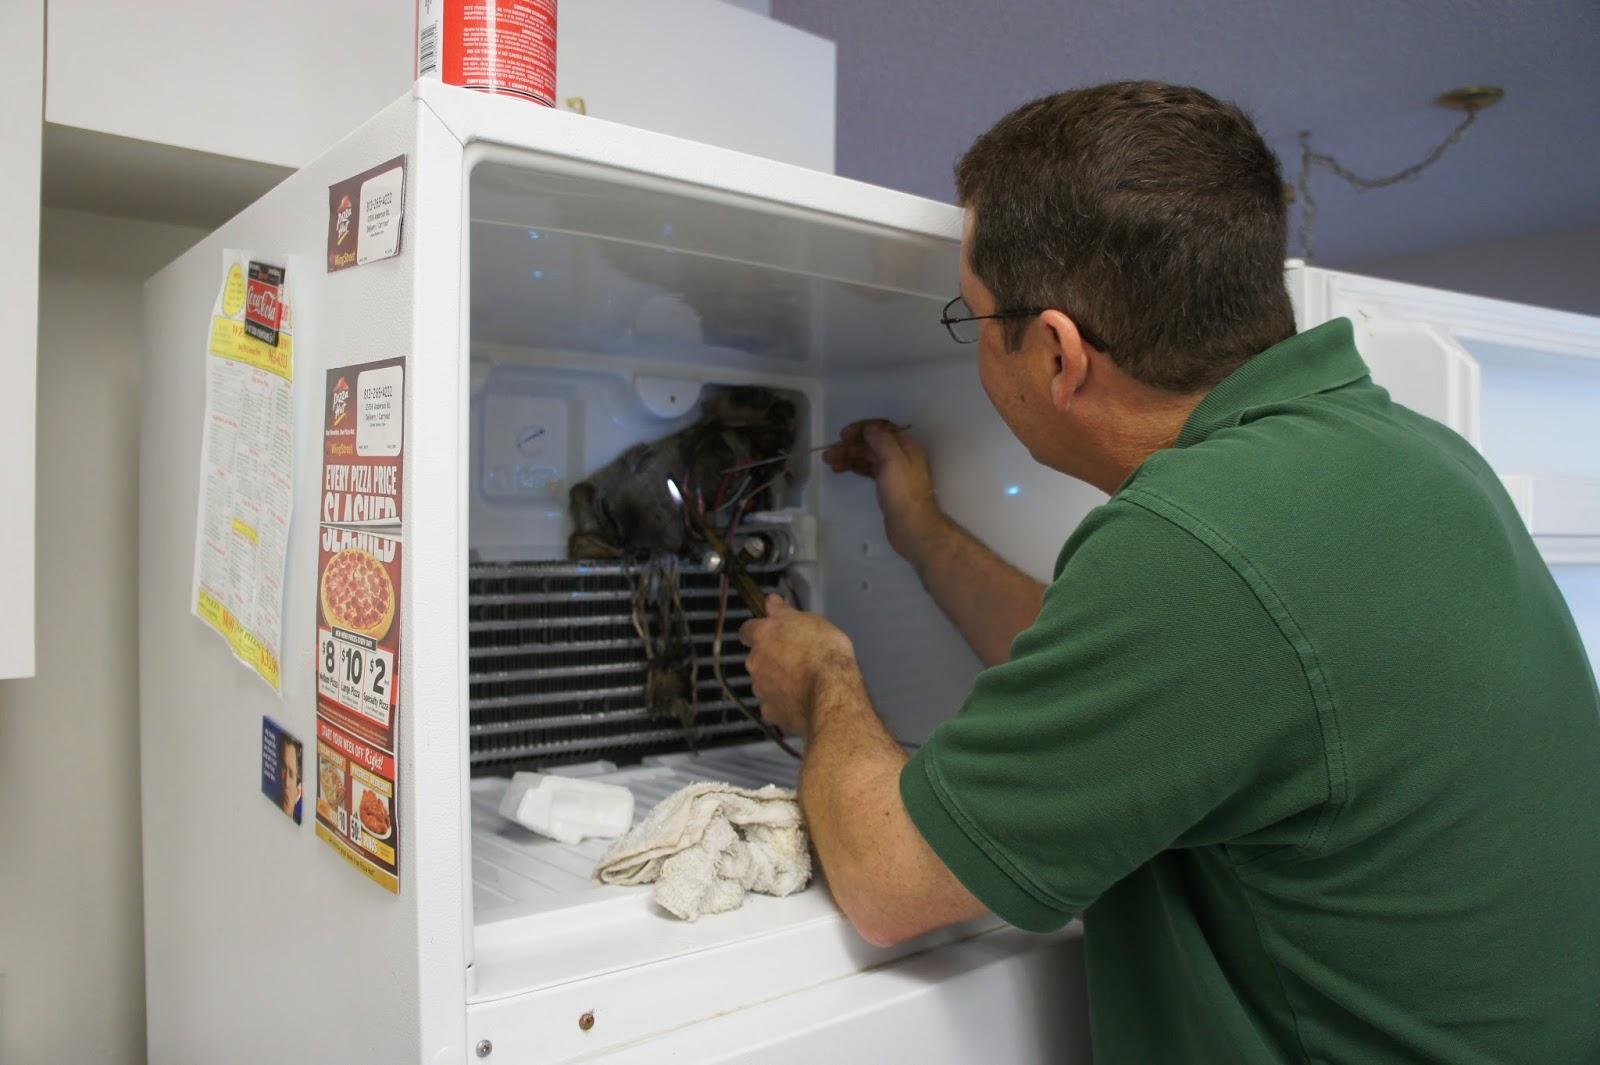 Дело о холодильнике с дефектом: лампочка ценой 53964 рубля